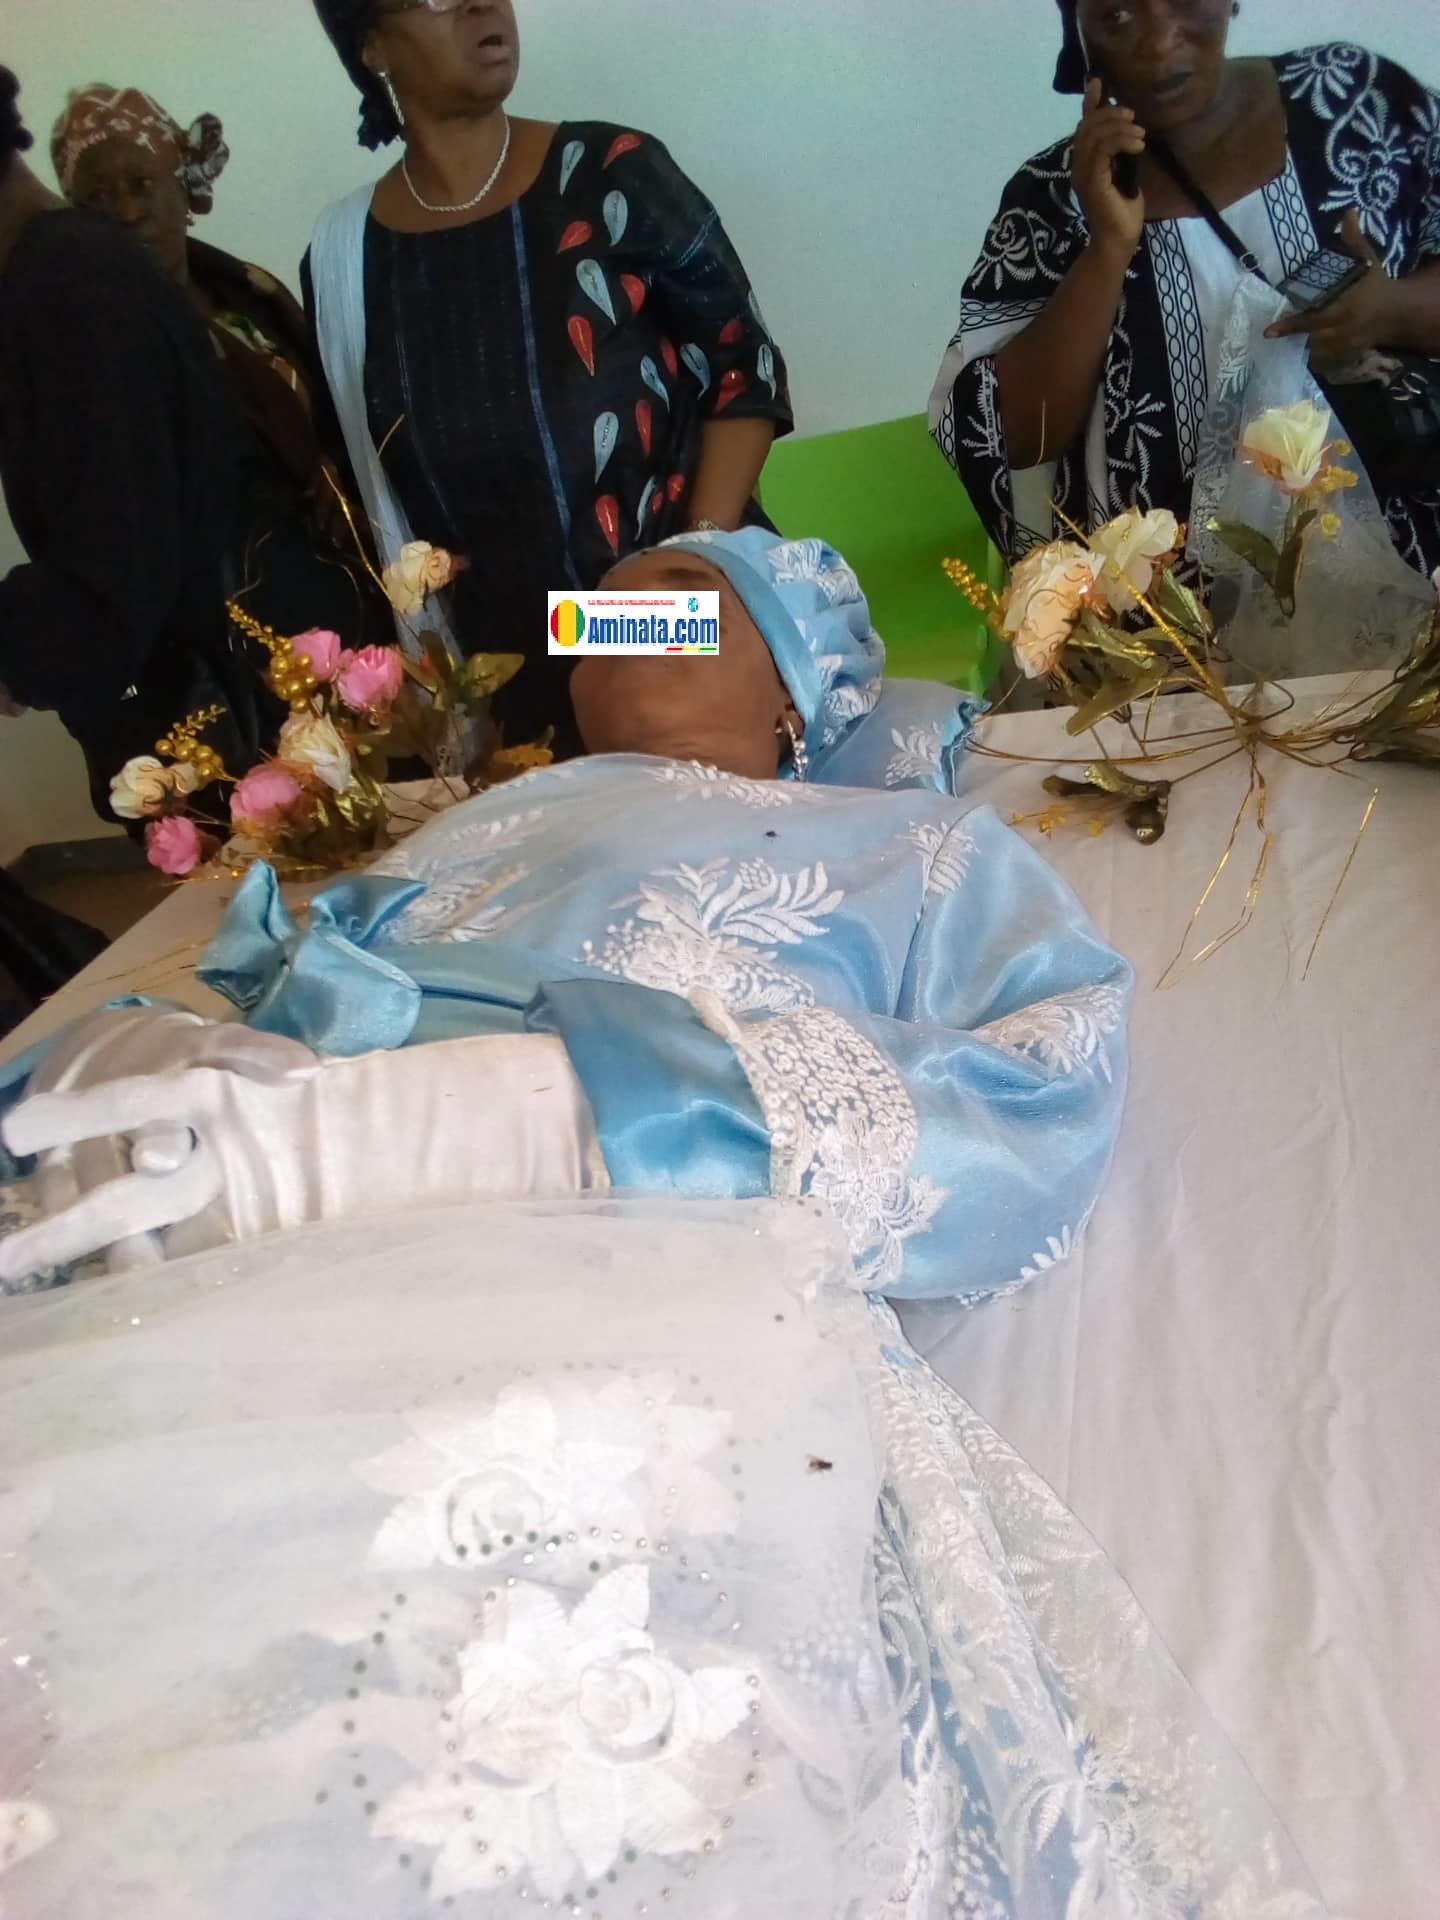 Une enseignante meurt dans des circonstances horribles à Mamou